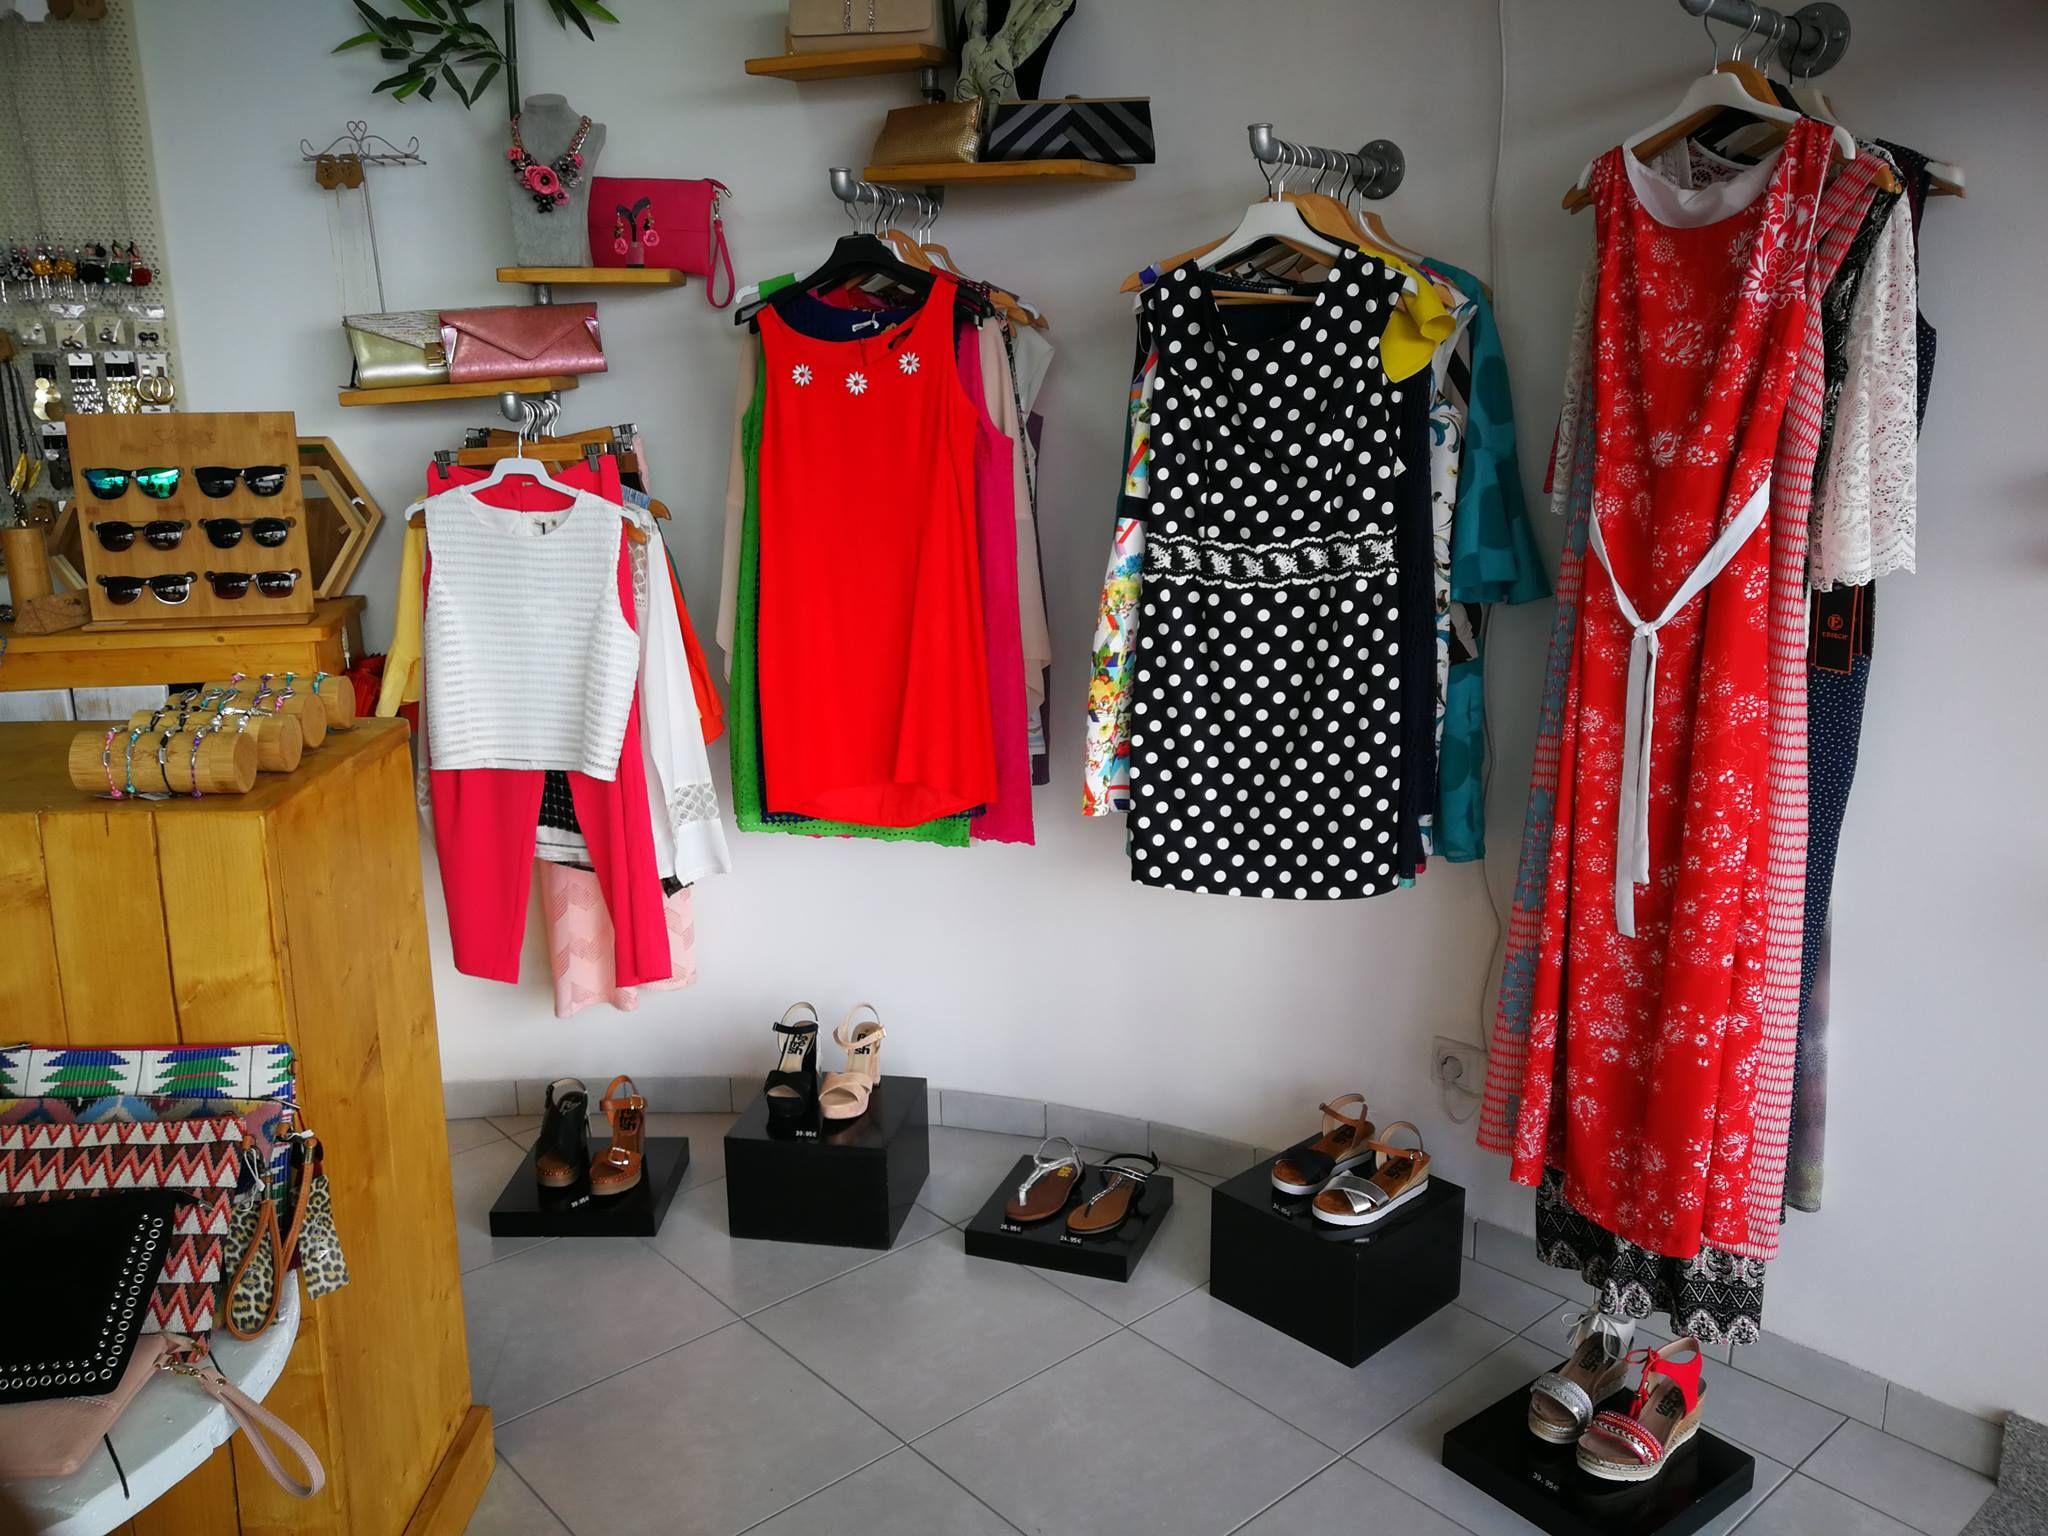 Moda casual para chicos y chicas en Las Palmas